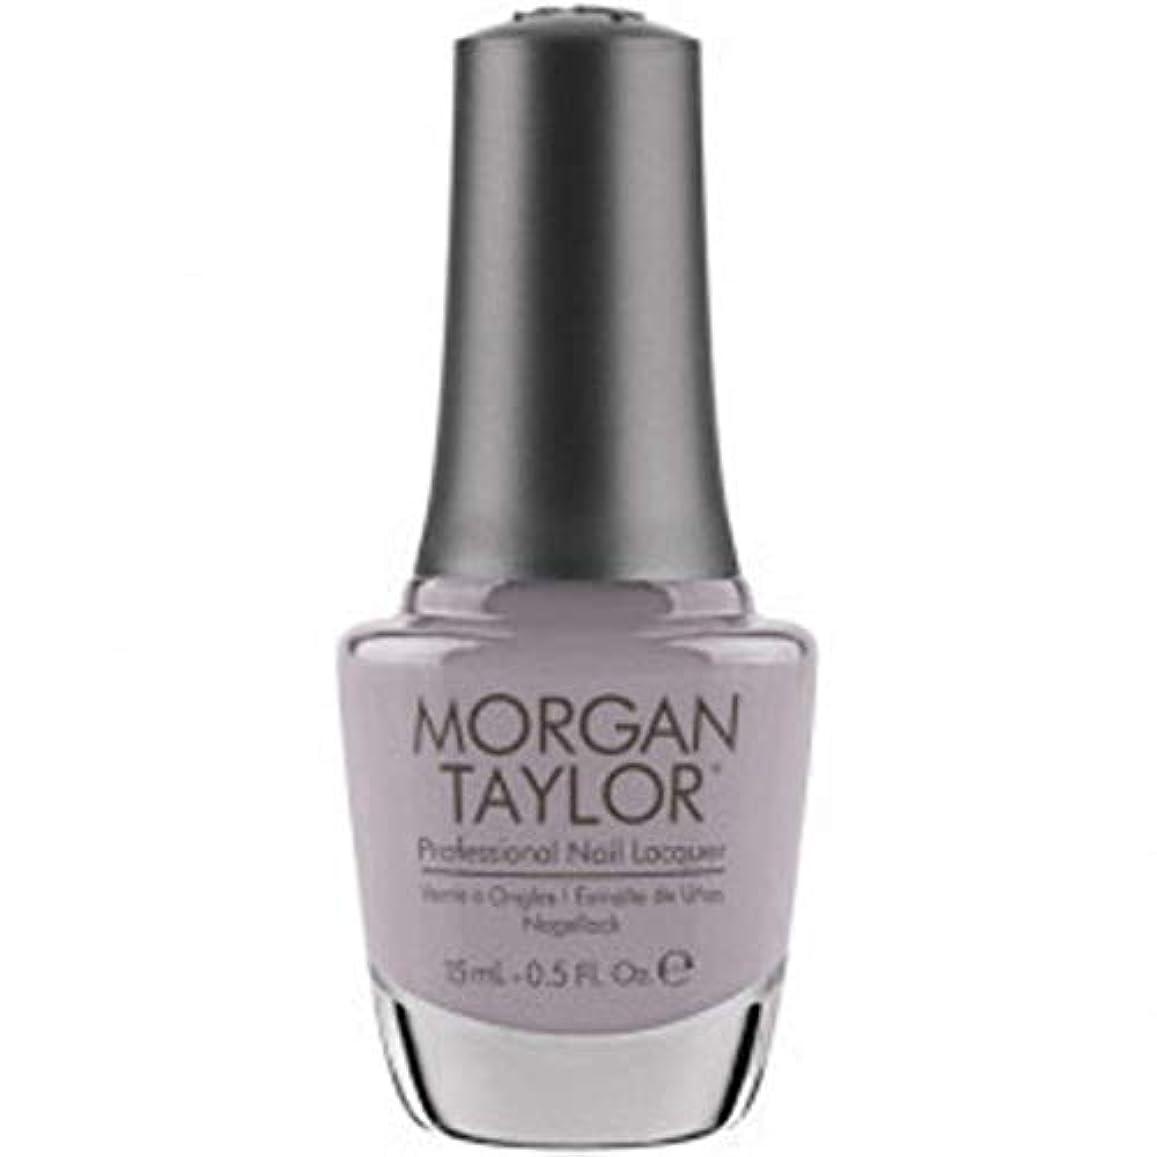 発症証明書疲労Morgan Taylor - Professional Nail Lacquer - Rule the Runway - 15 mL/0.5oz